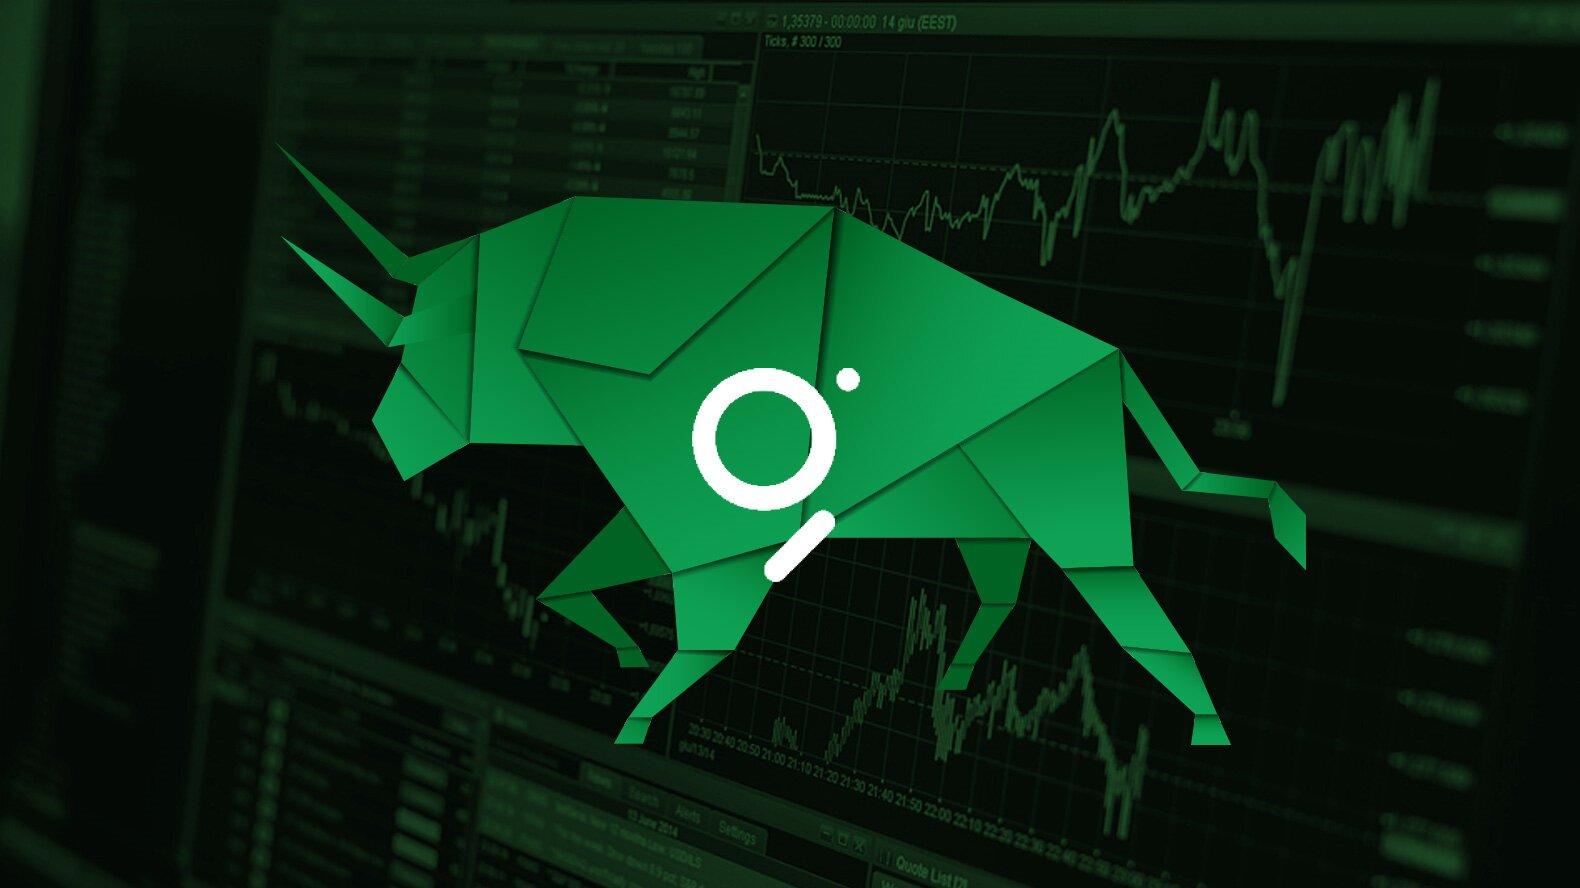 图形(GRT)价格分析-GRT在本月飙升779%之后席卷市场